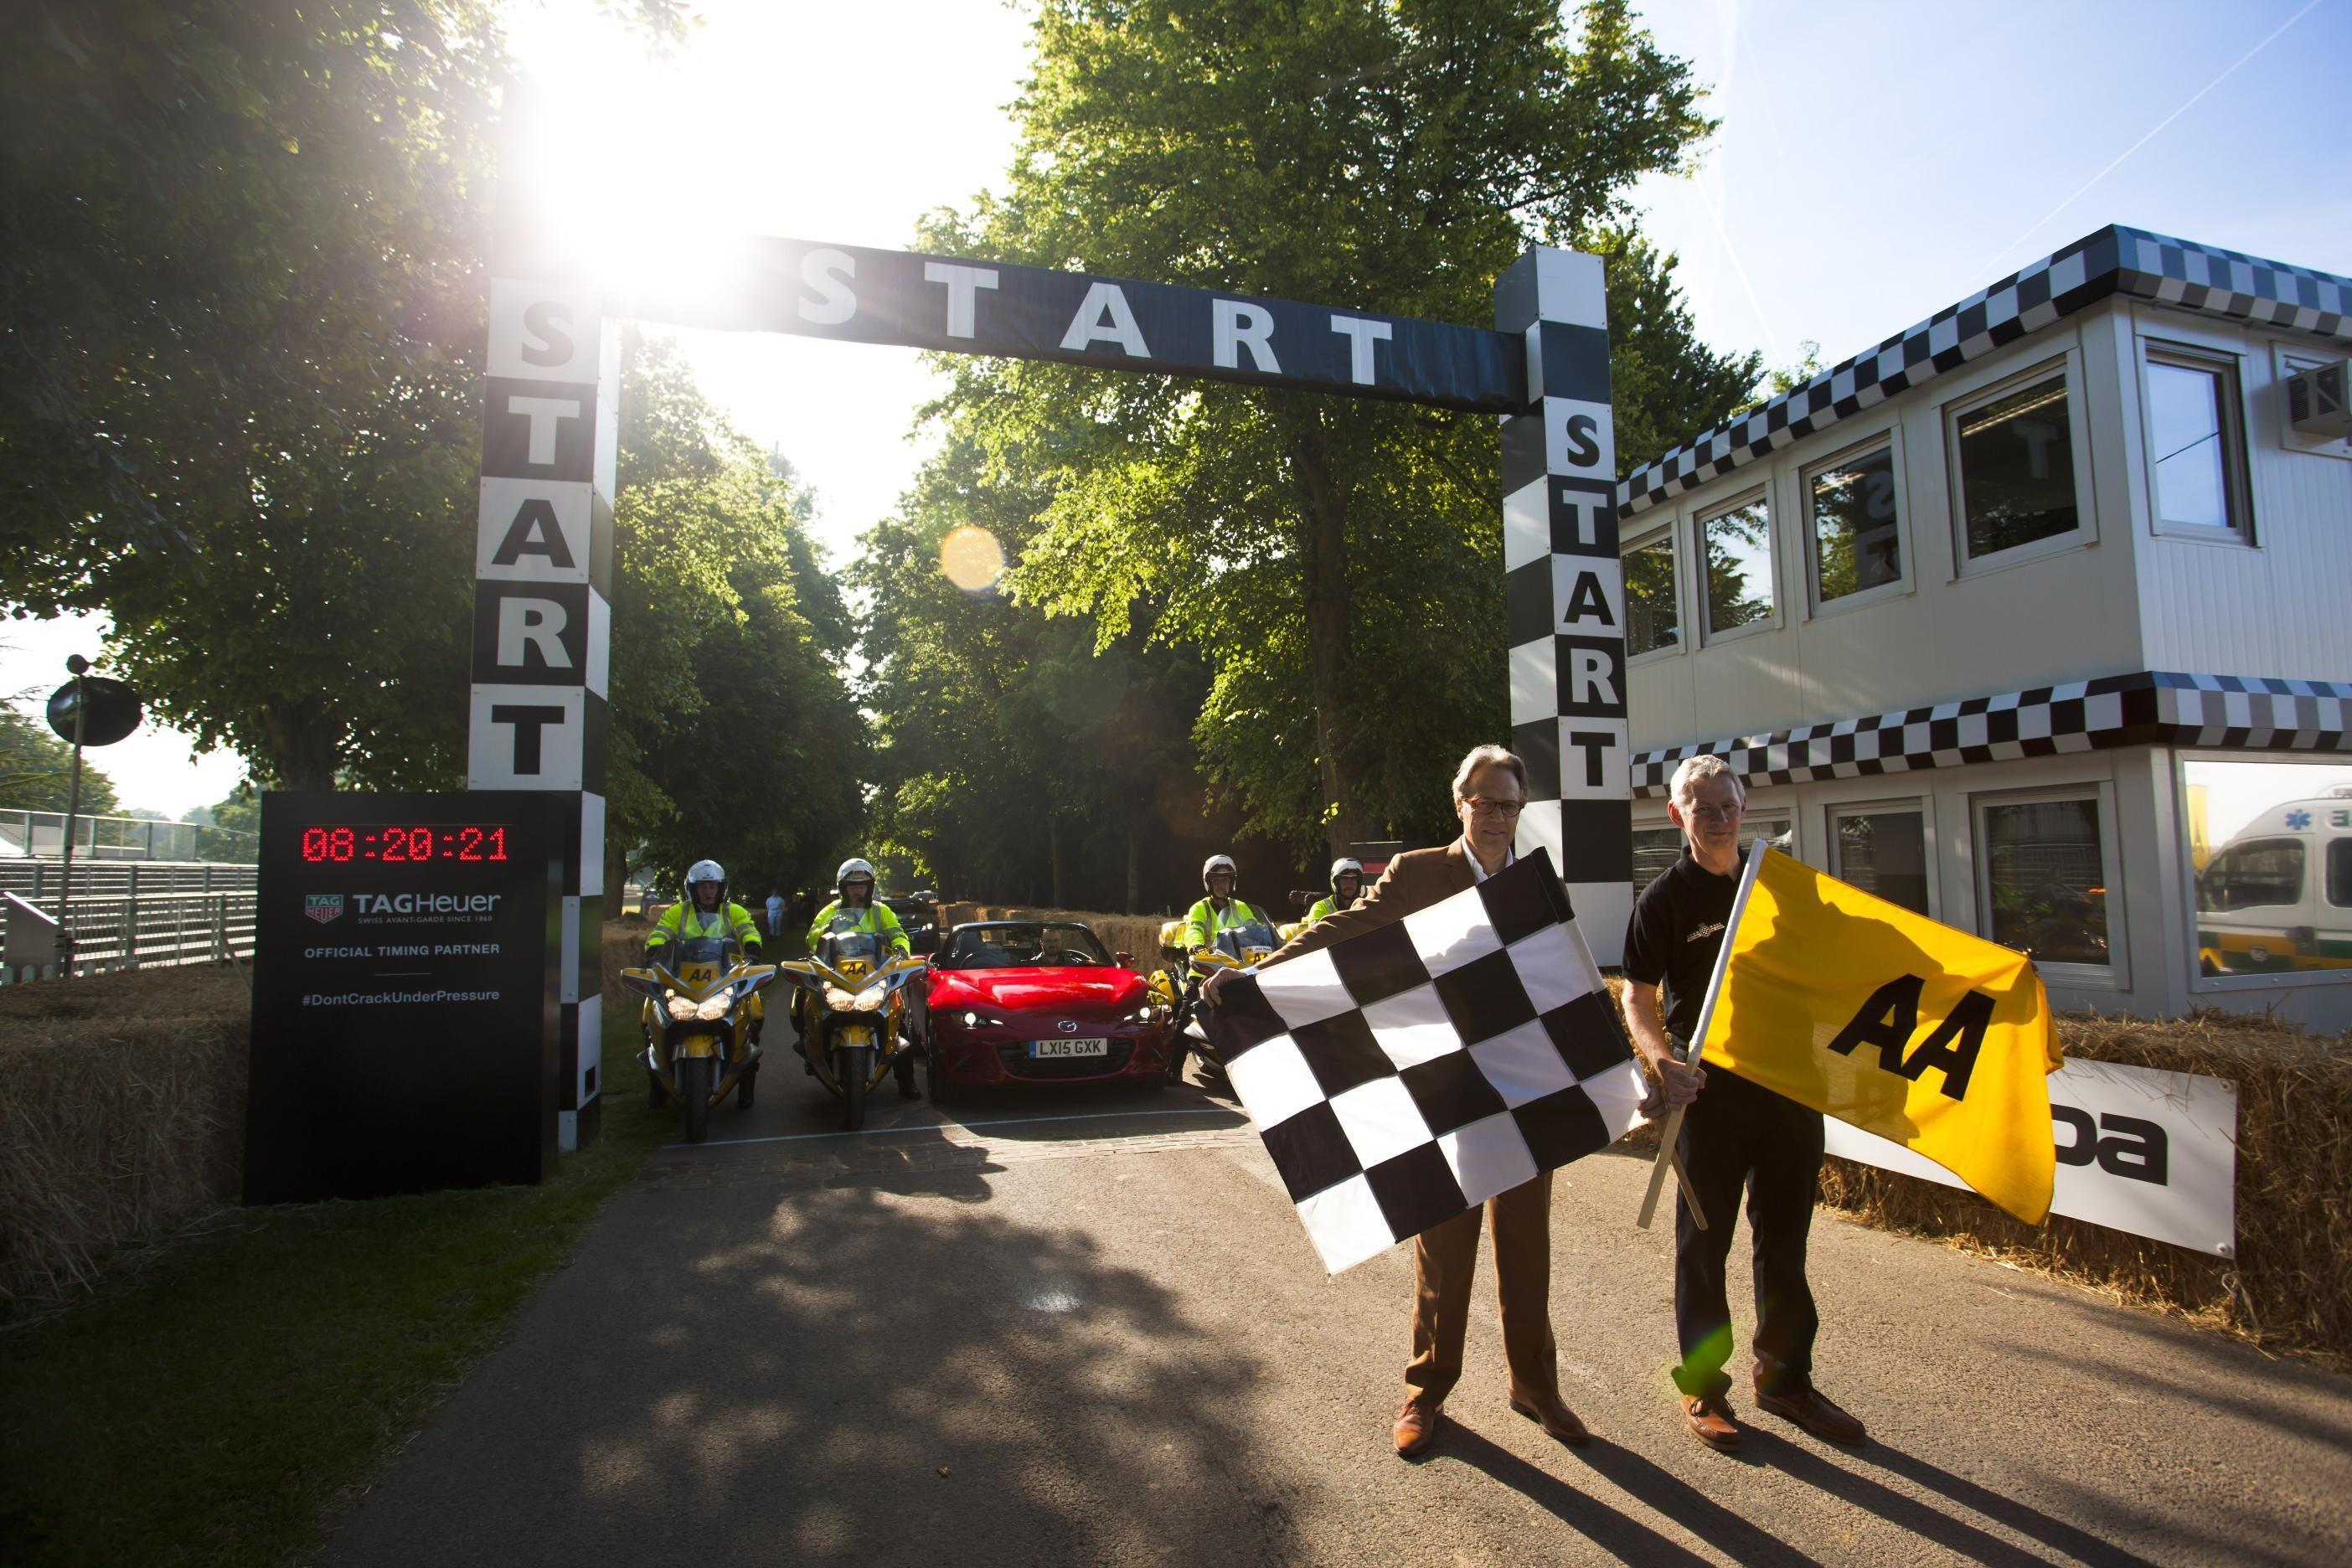 Las mejores fotos del Goodwood Speed Festival 2015